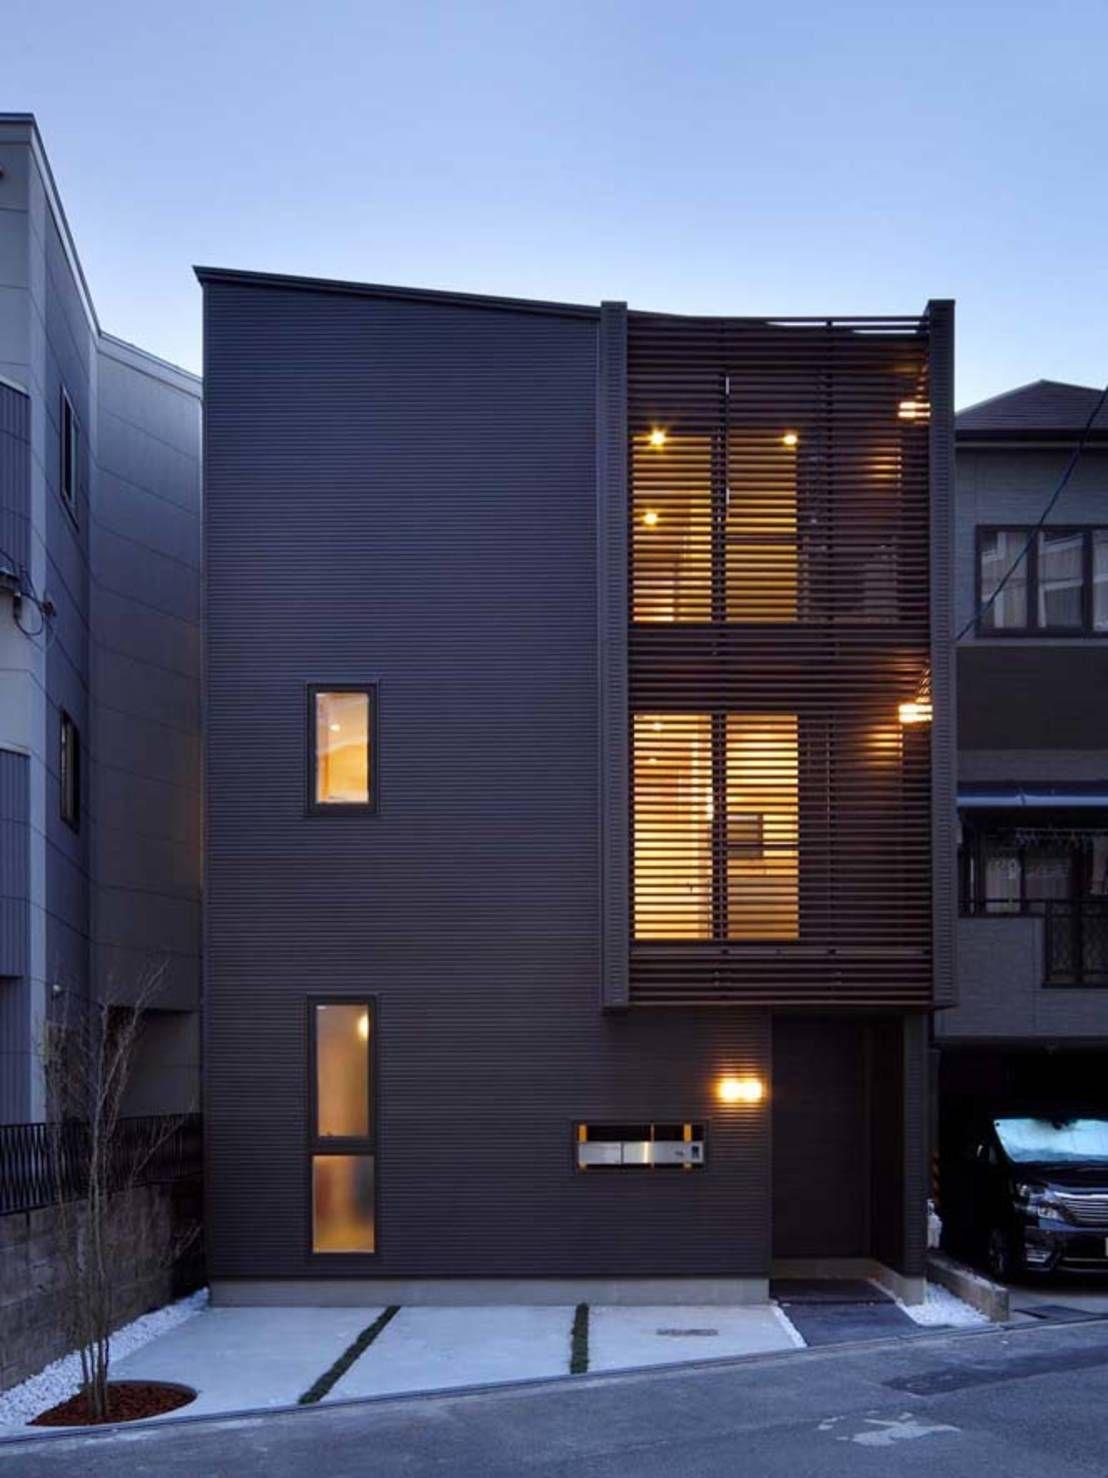 matte black contemporary home home design pinterest. Black Bedroom Furniture Sets. Home Design Ideas